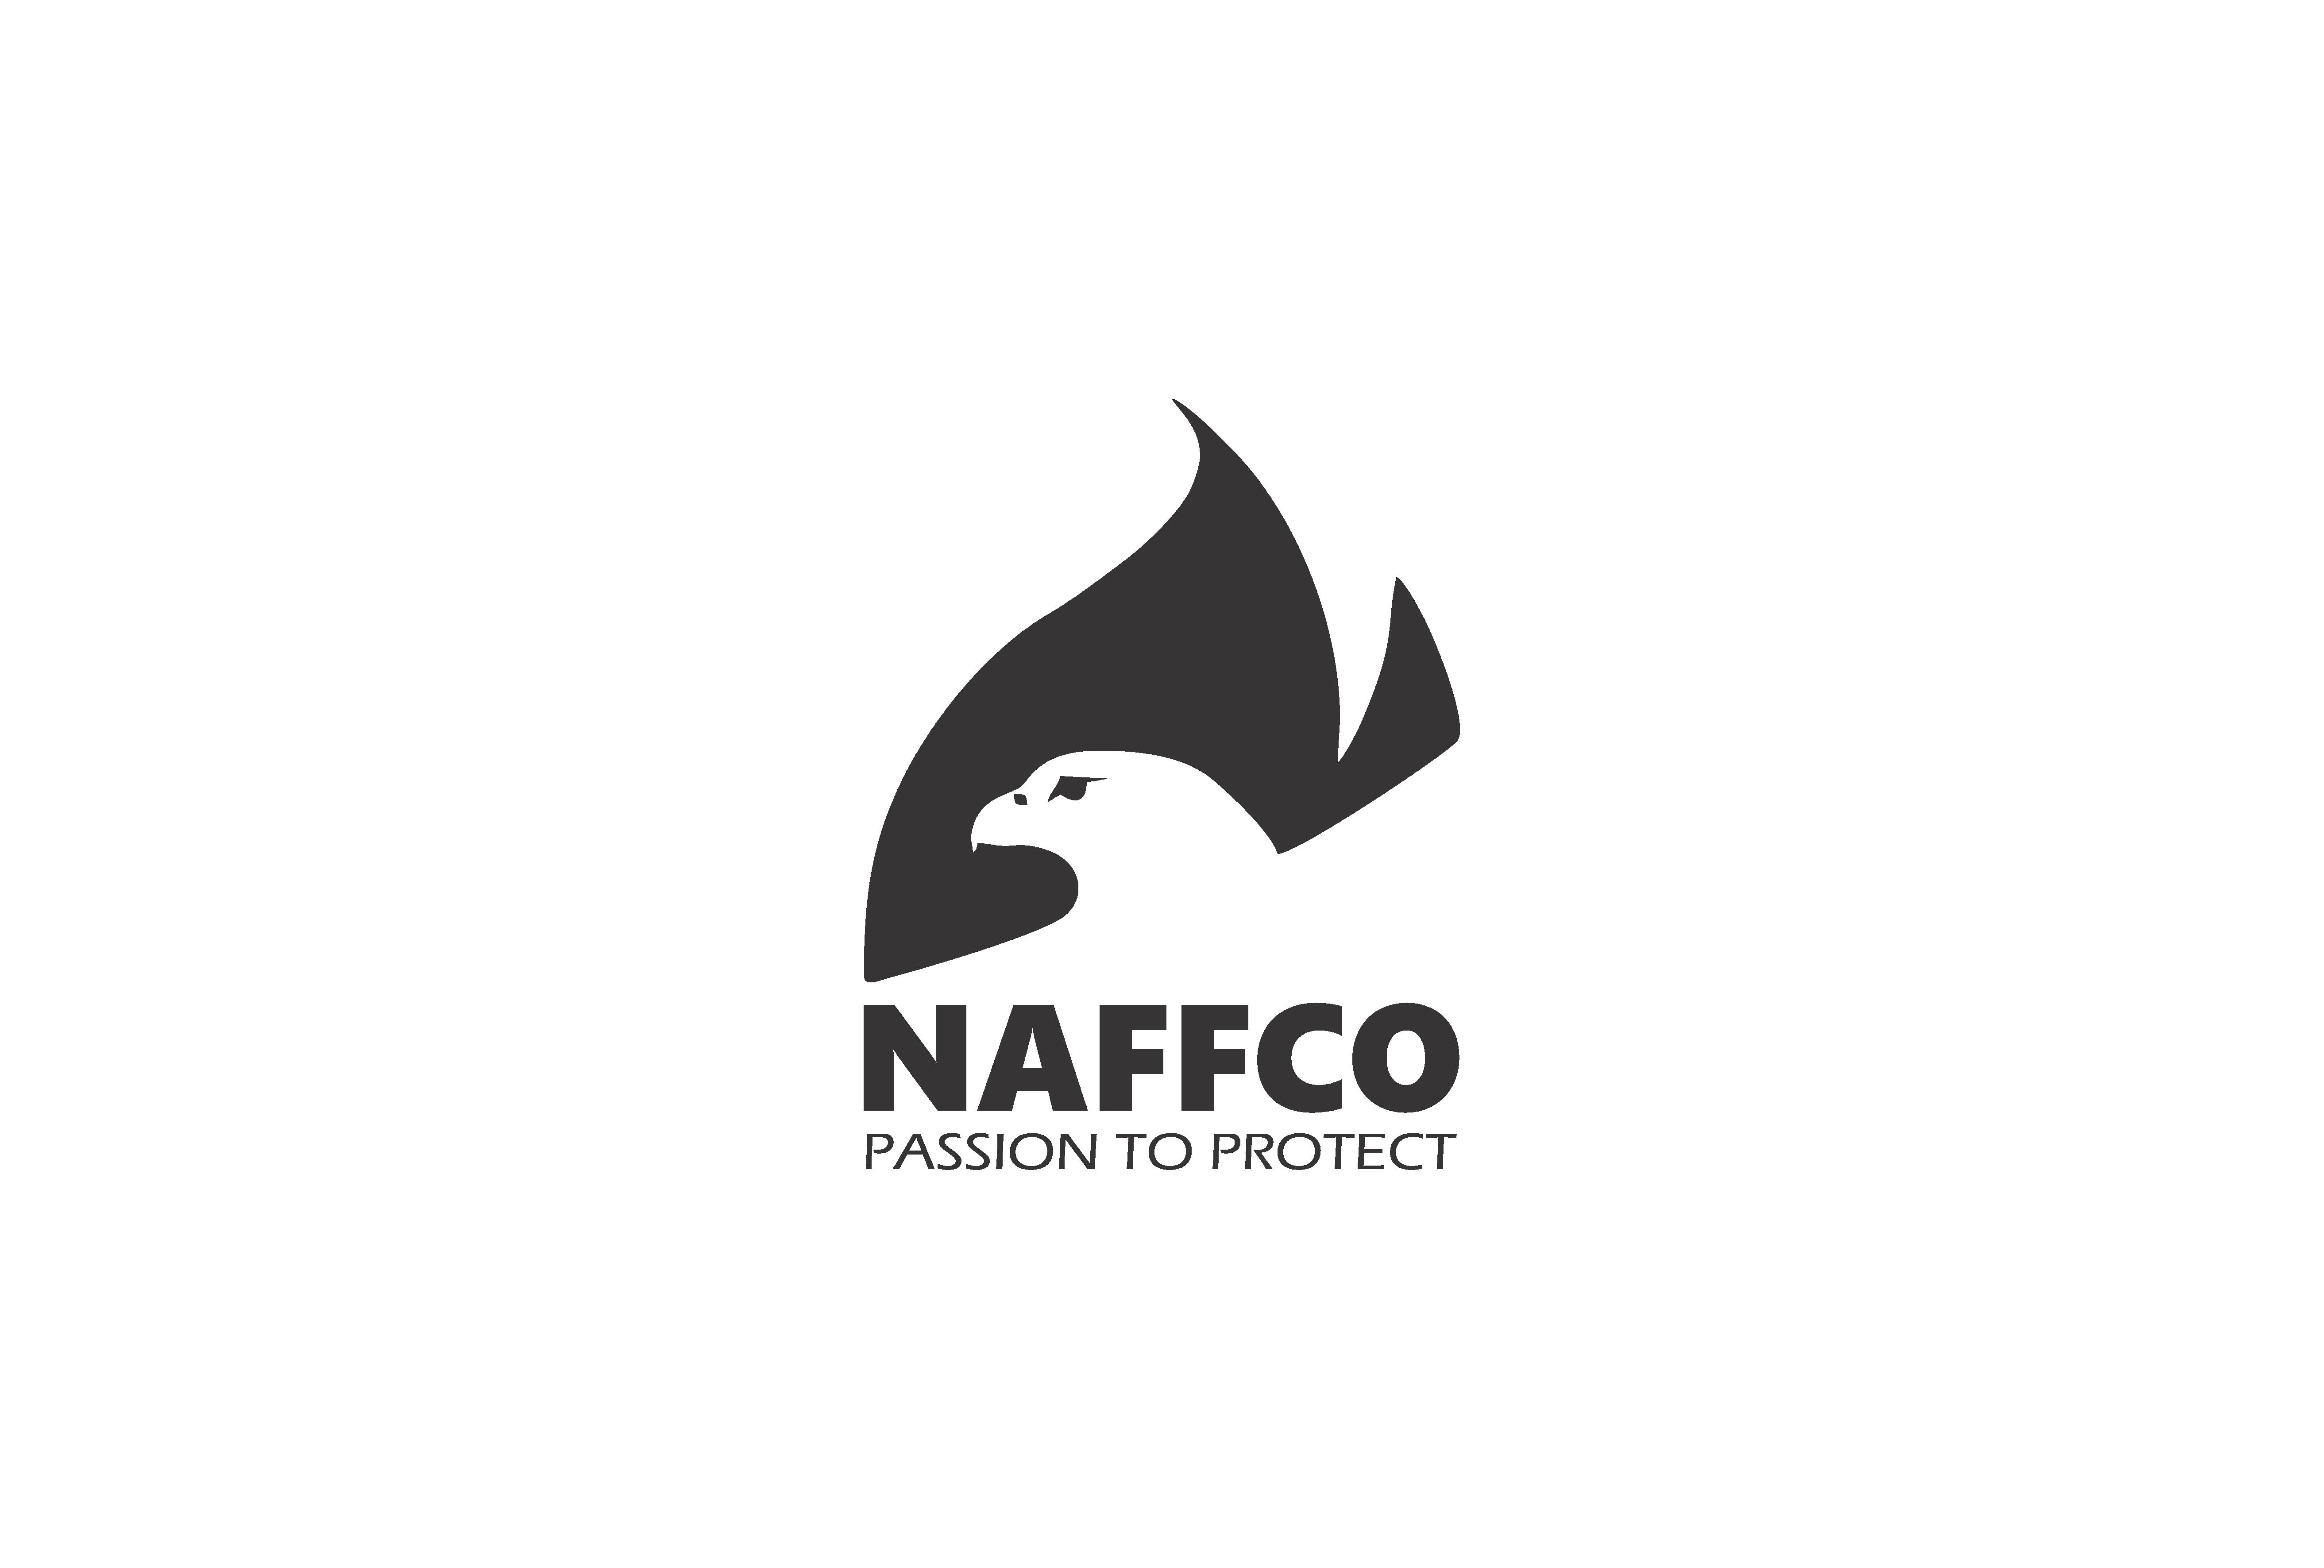 Naffaco Final